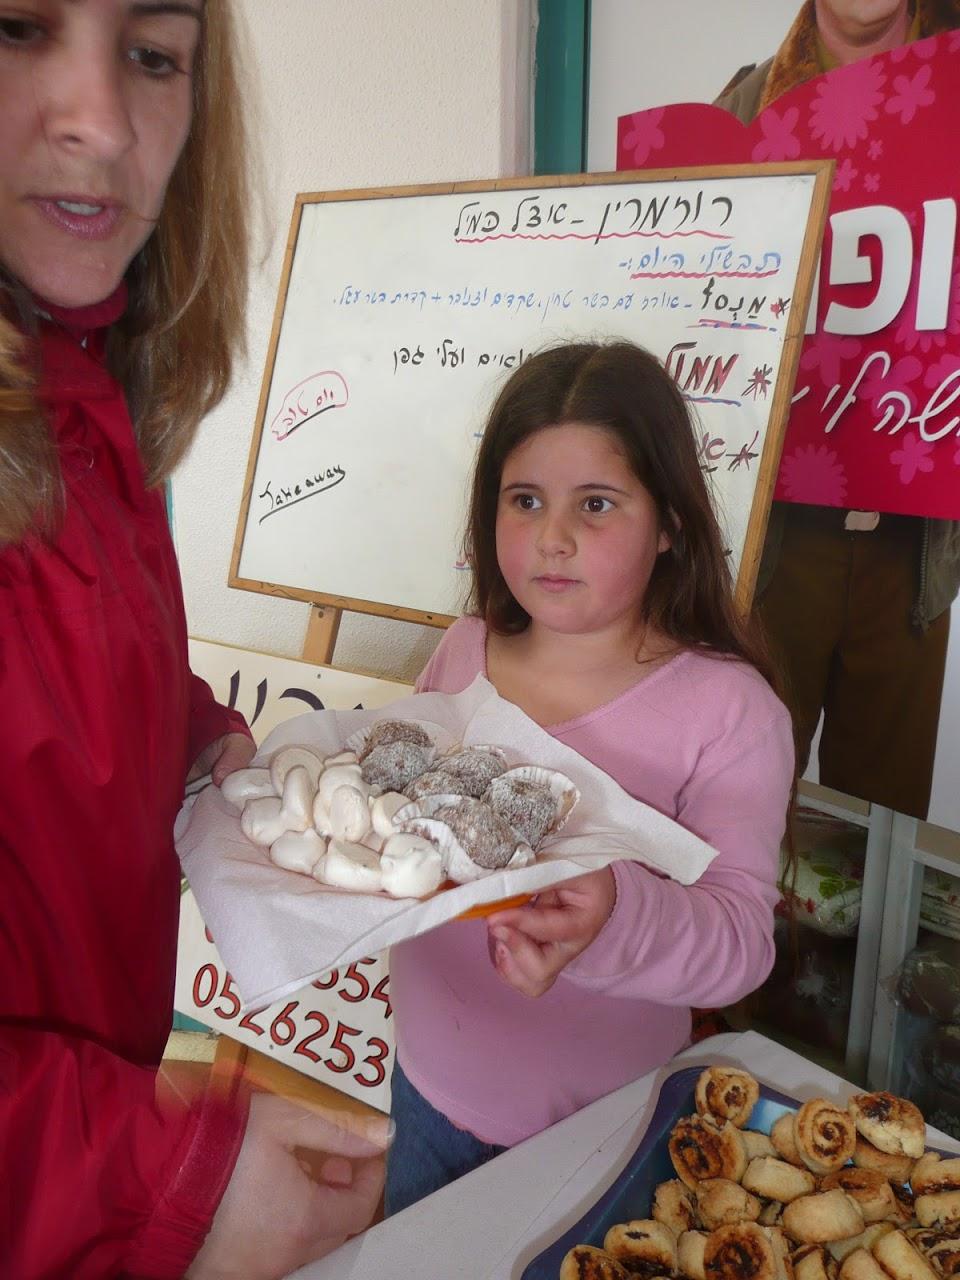 Kamkha DePaskha sale, 2009  - 2009-03-27 12.03.30-1.jpg